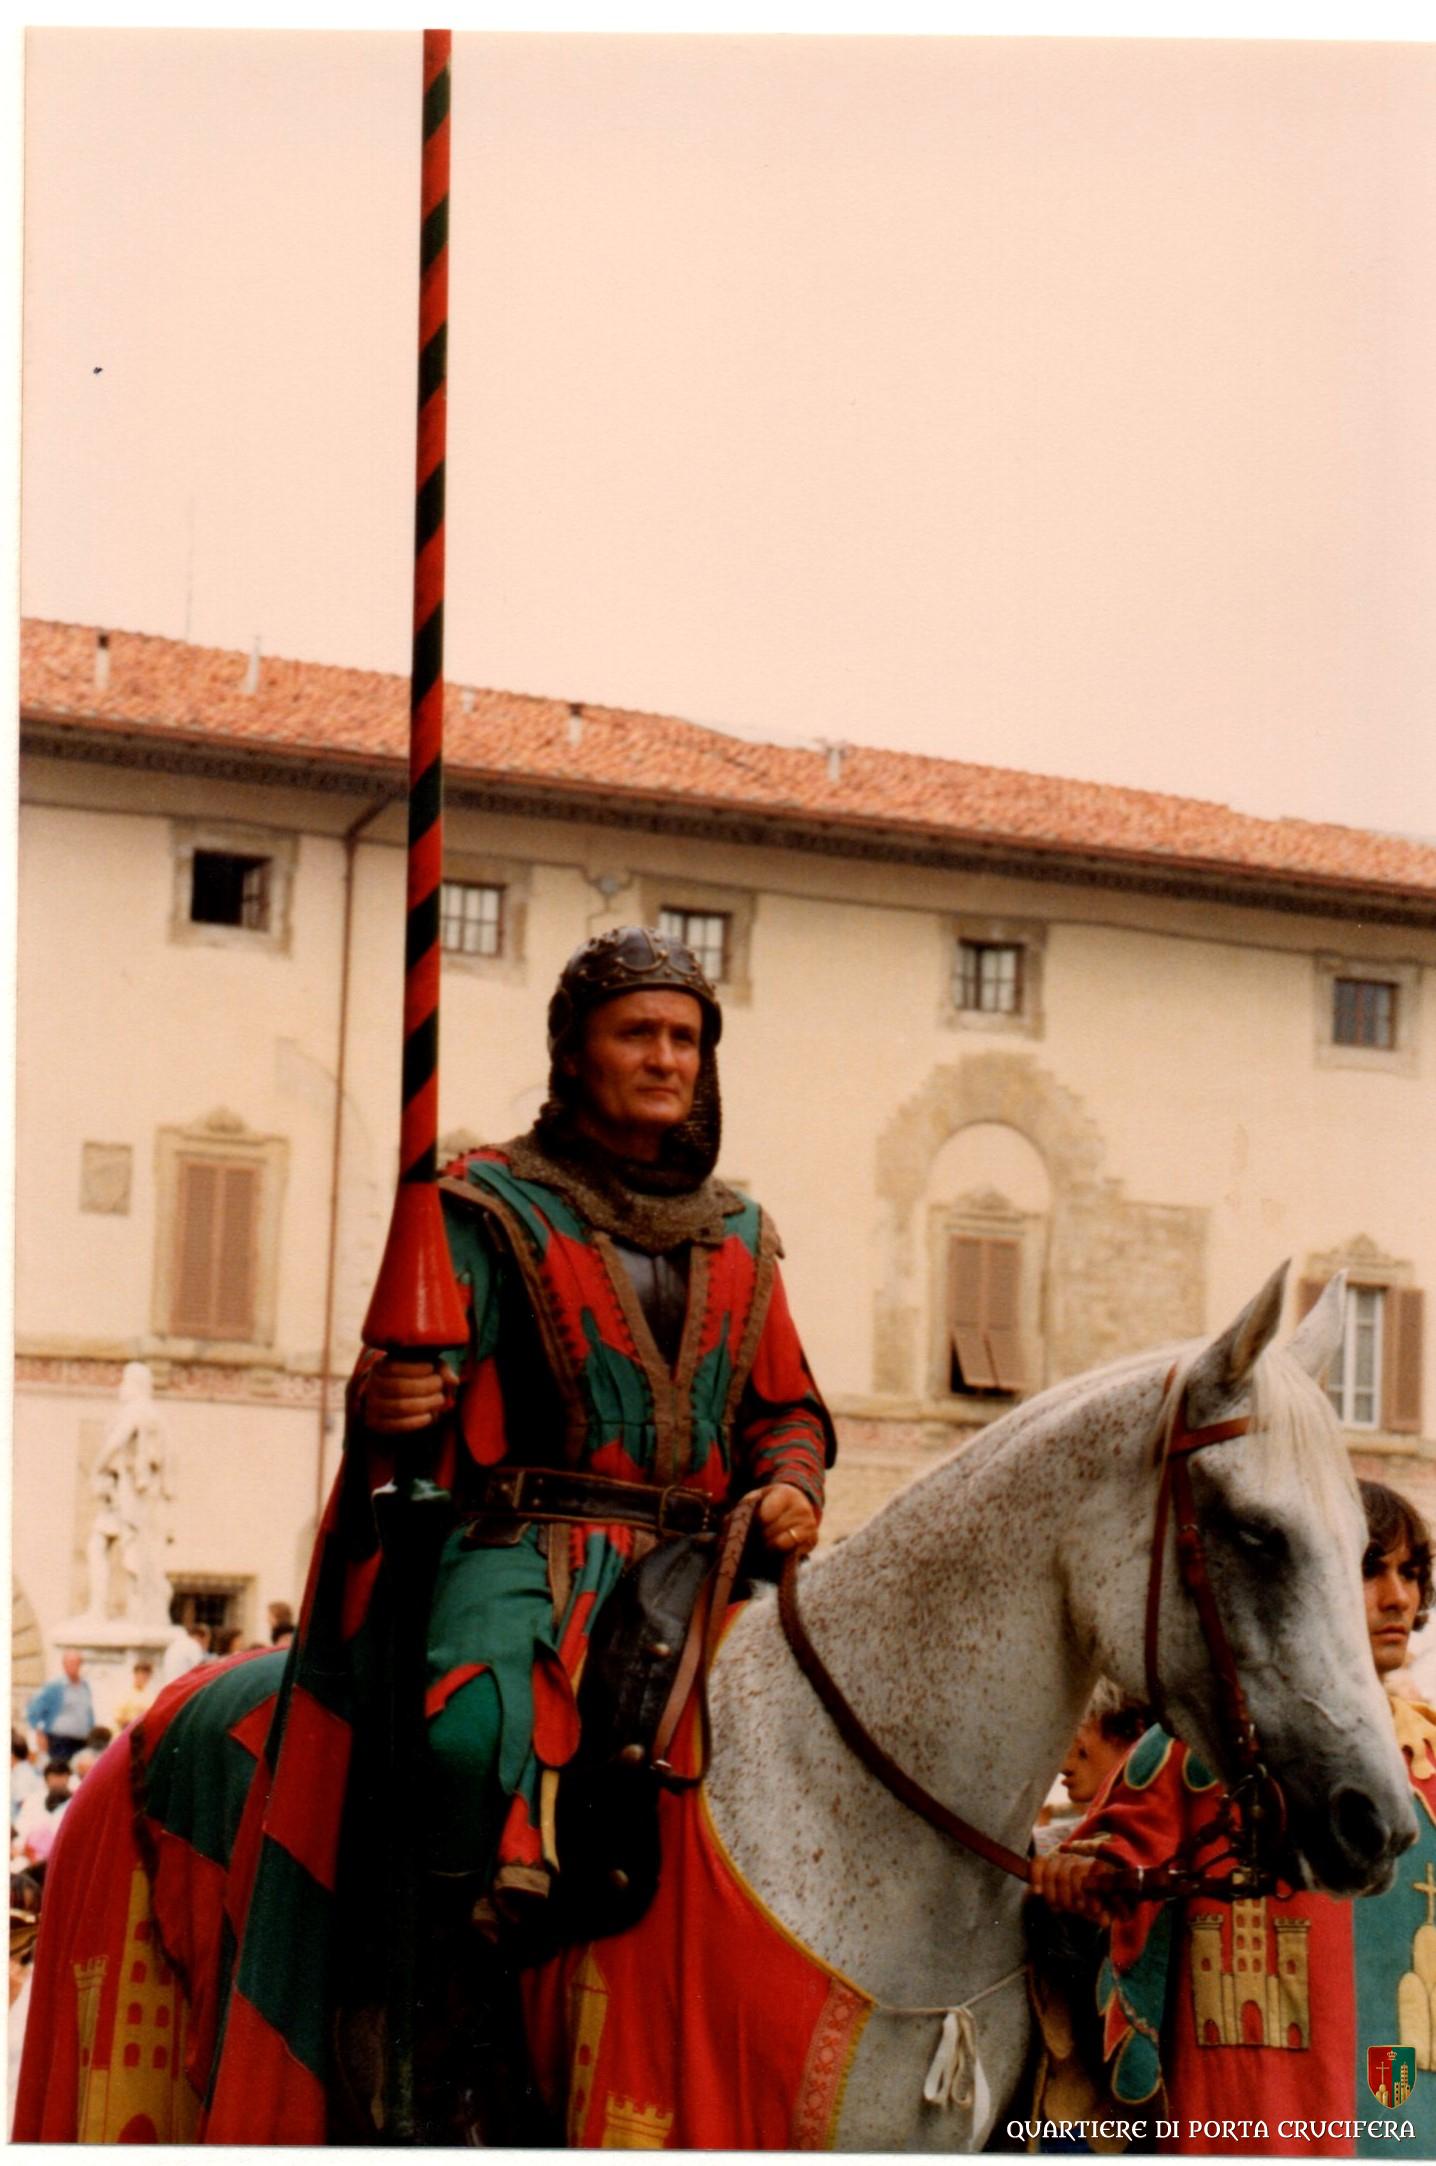 45 - 1982 - Capitan Luigi Pelini - palafraniere Enrico Stendardi -